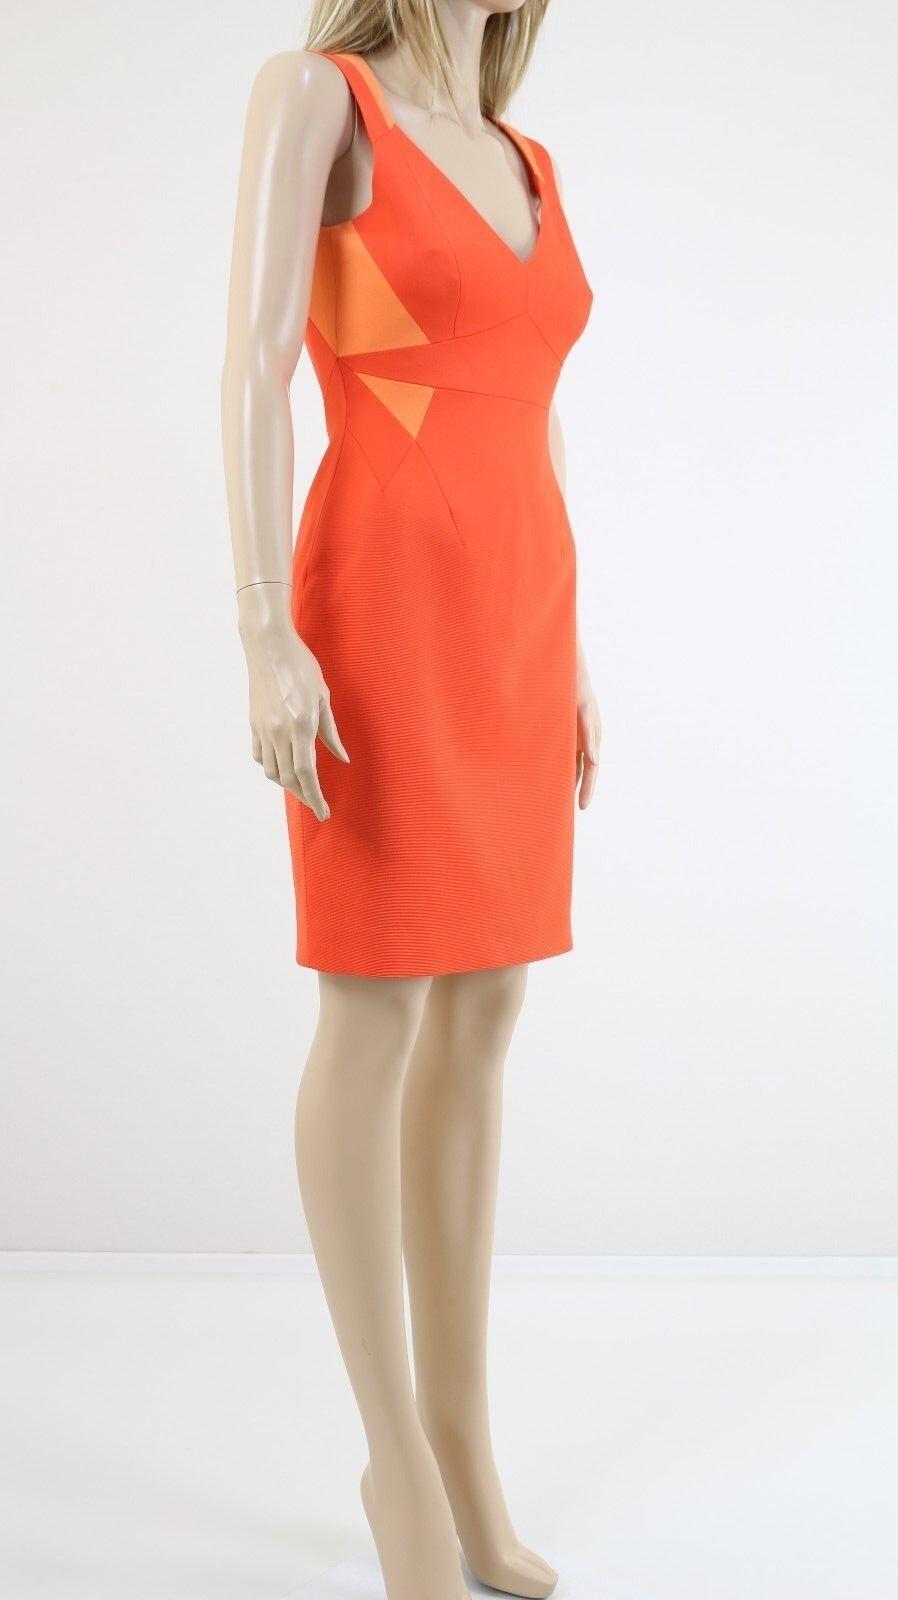 Karen Millen DV222 Woherren Orange Cut Outs Mascara Pencil Cocktail Dress UK 10